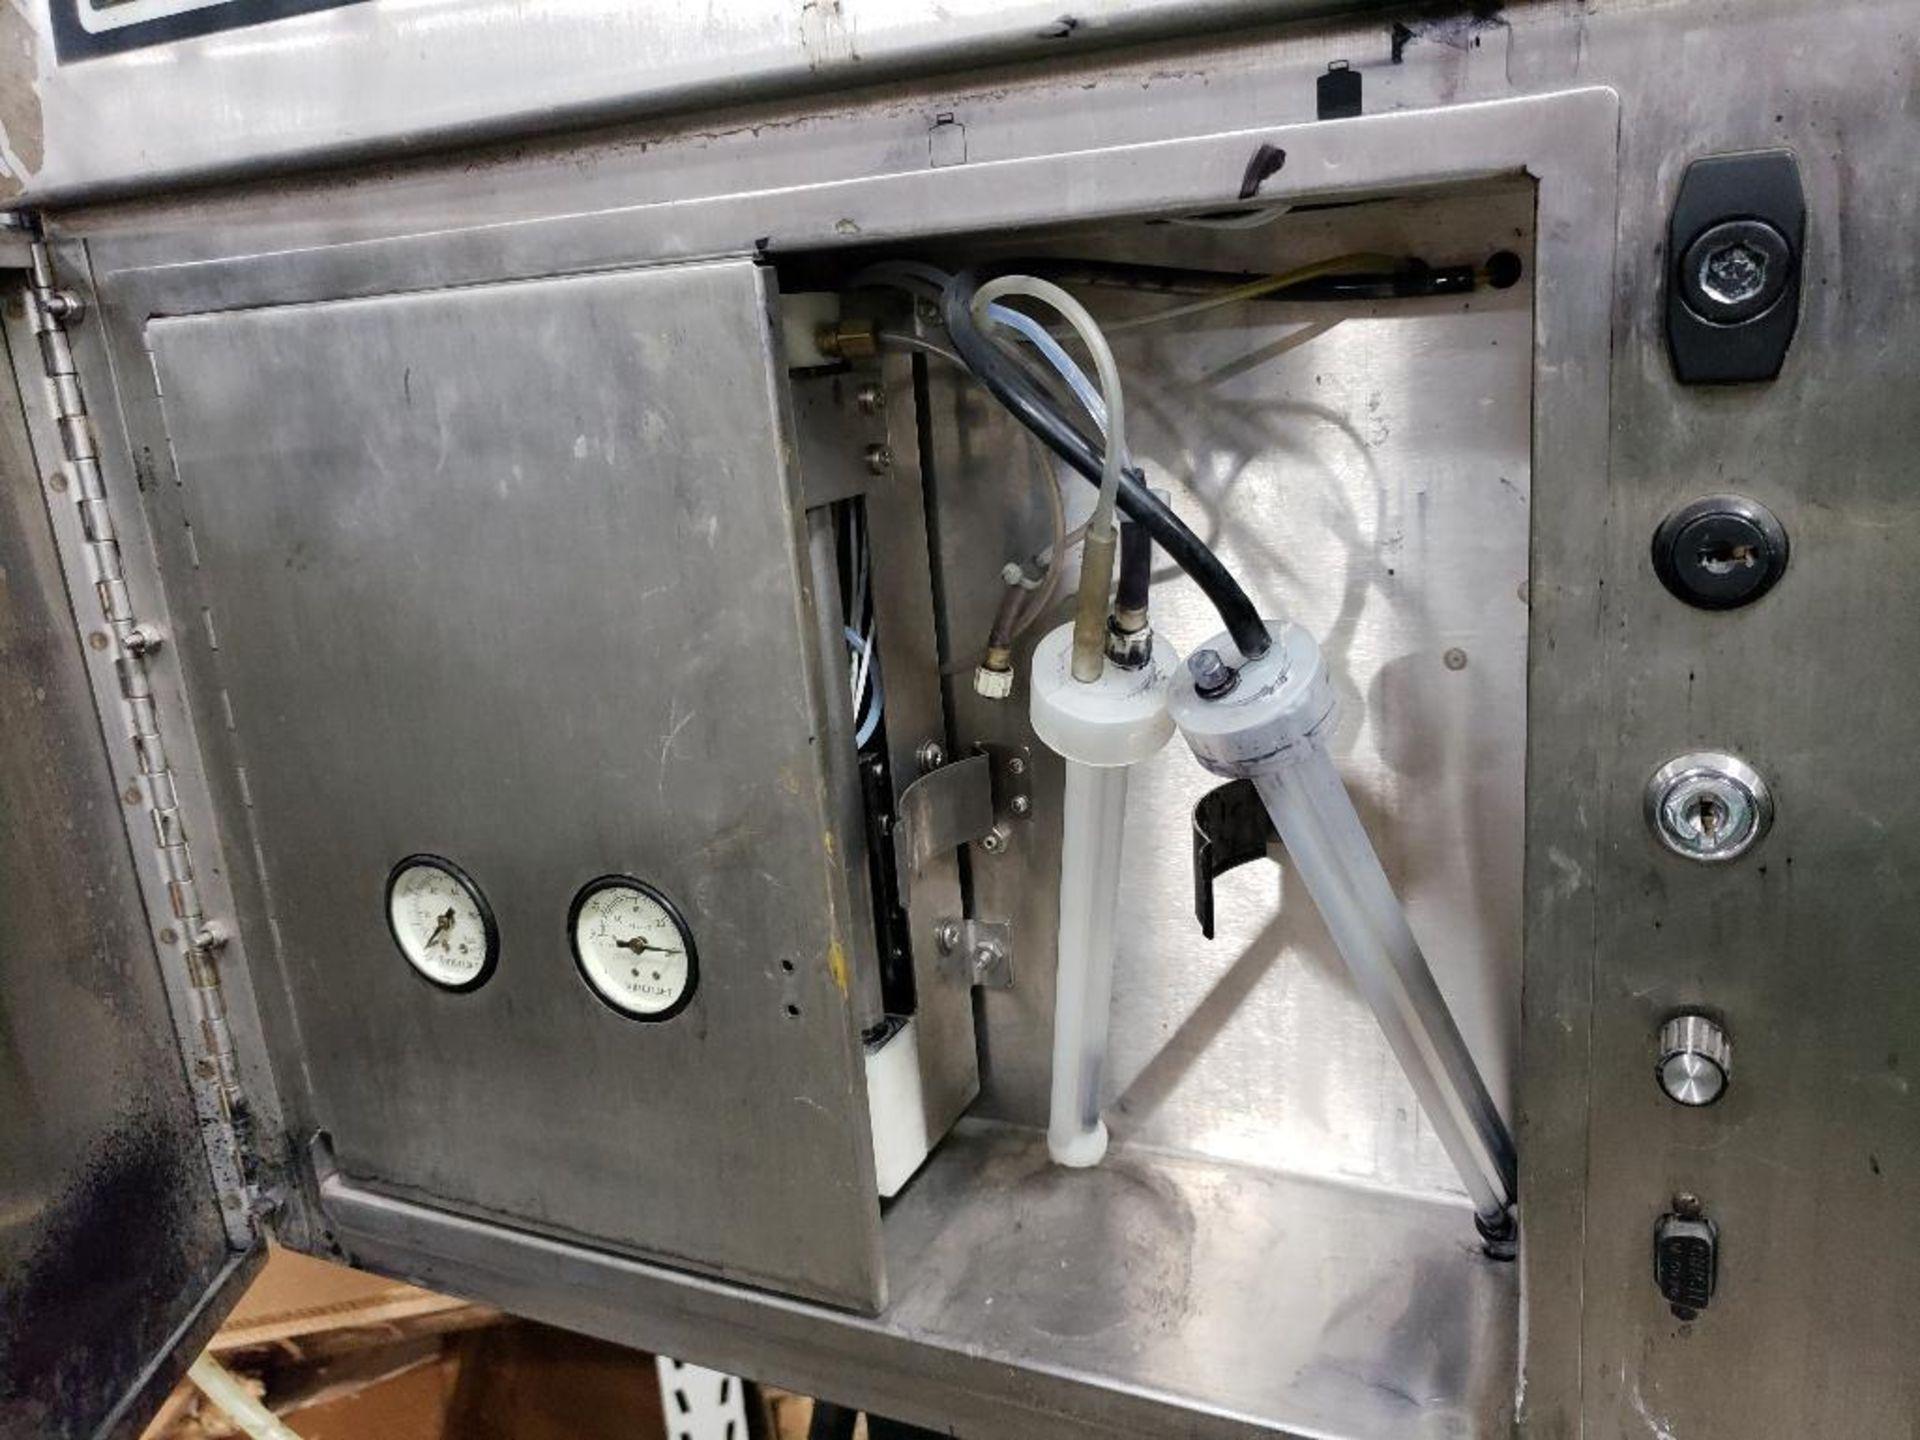 Videojet Excel High Resolution HI-RES ink jet marking machine. - Image 15 of 19